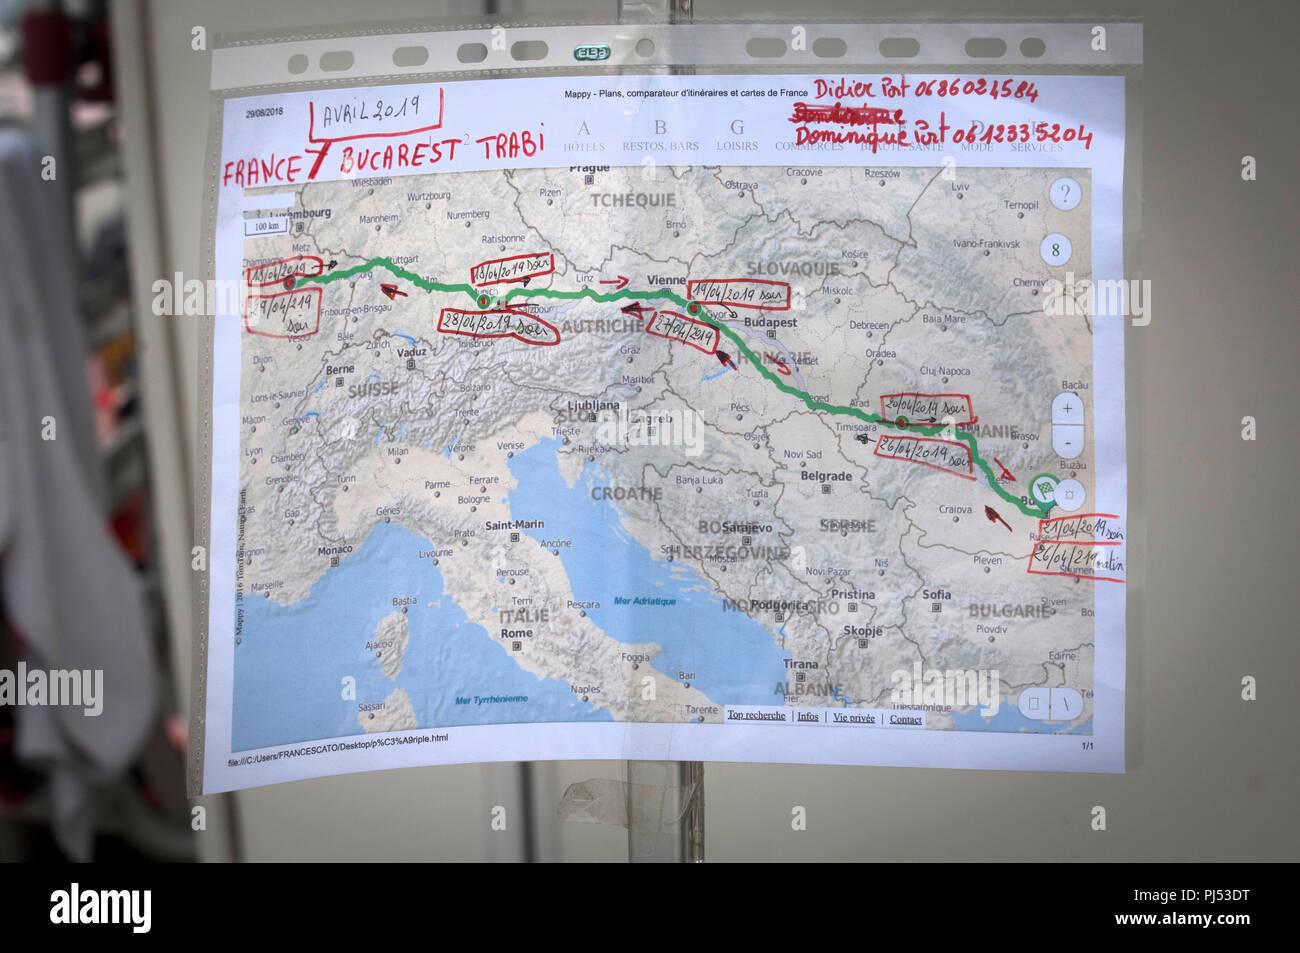 Zwickau Karte.Eine Karte Von Einem Trabant Fährt An Der Zwickau Trabant Club